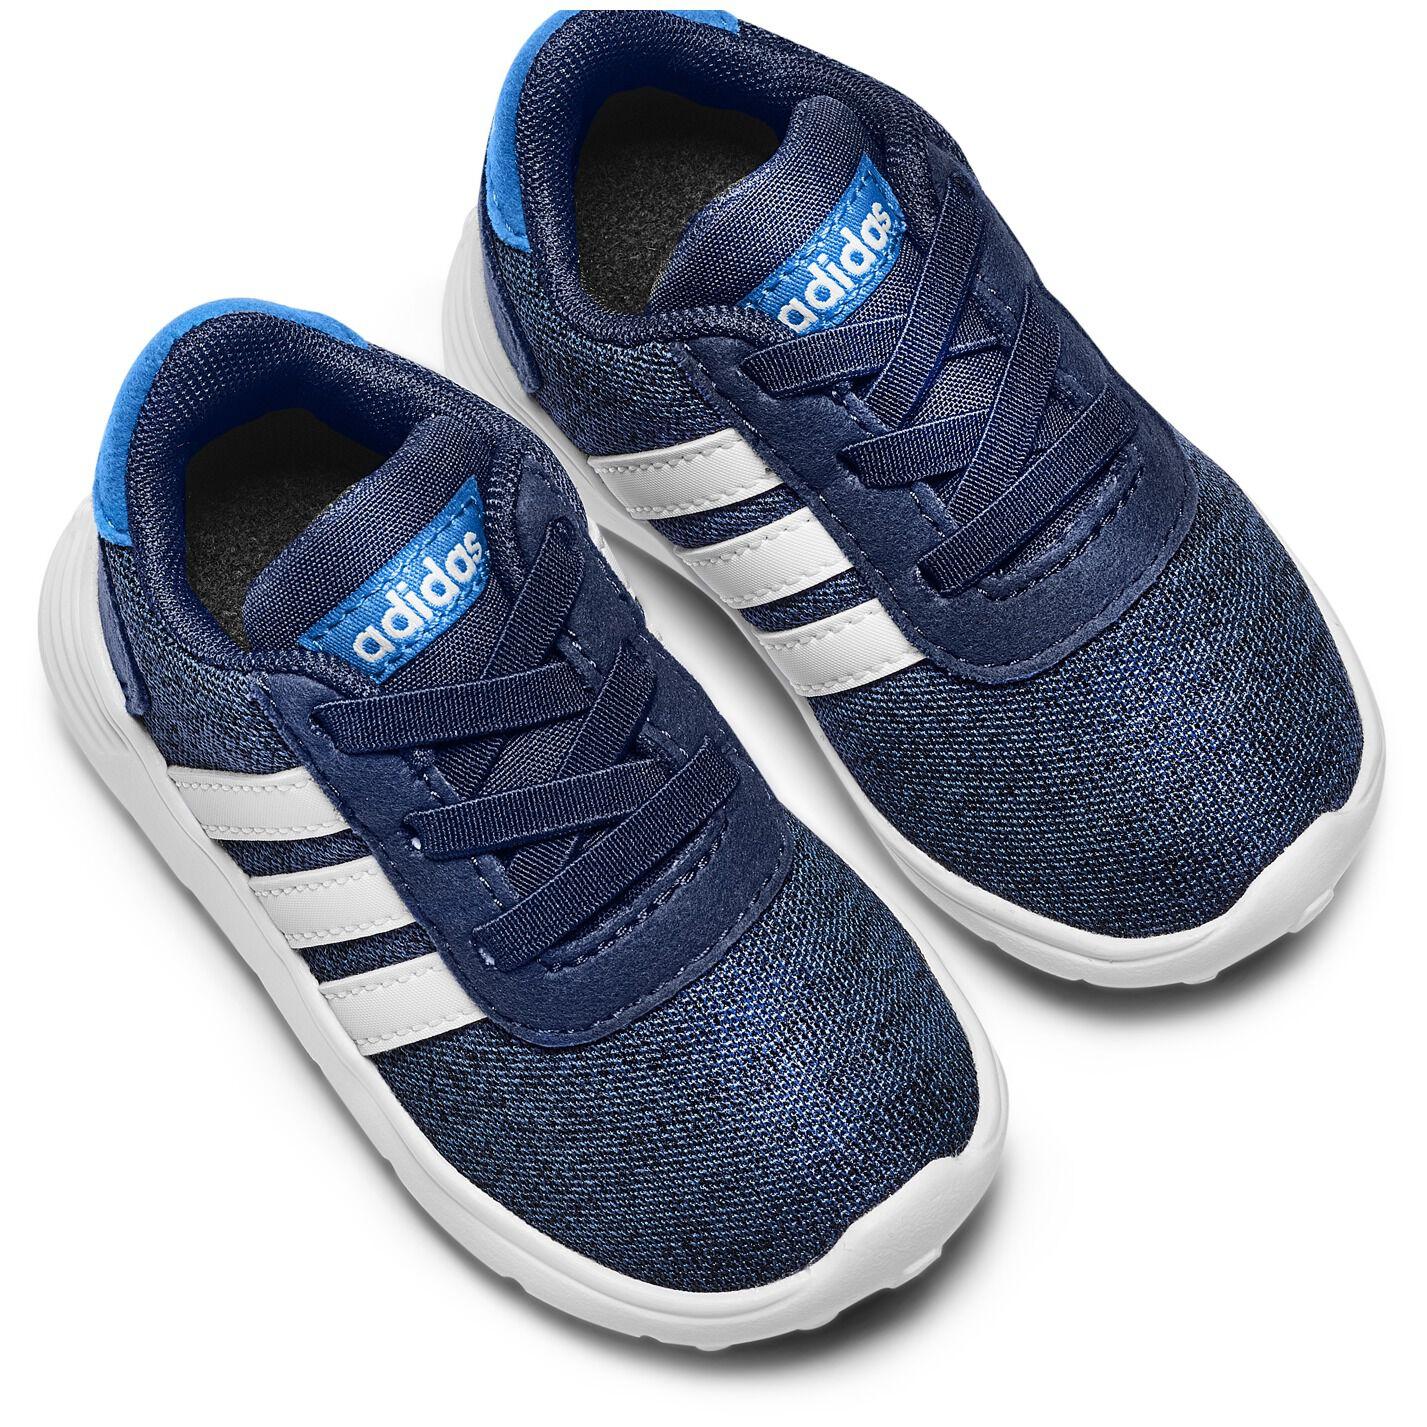 scarpe adidas estive bambino